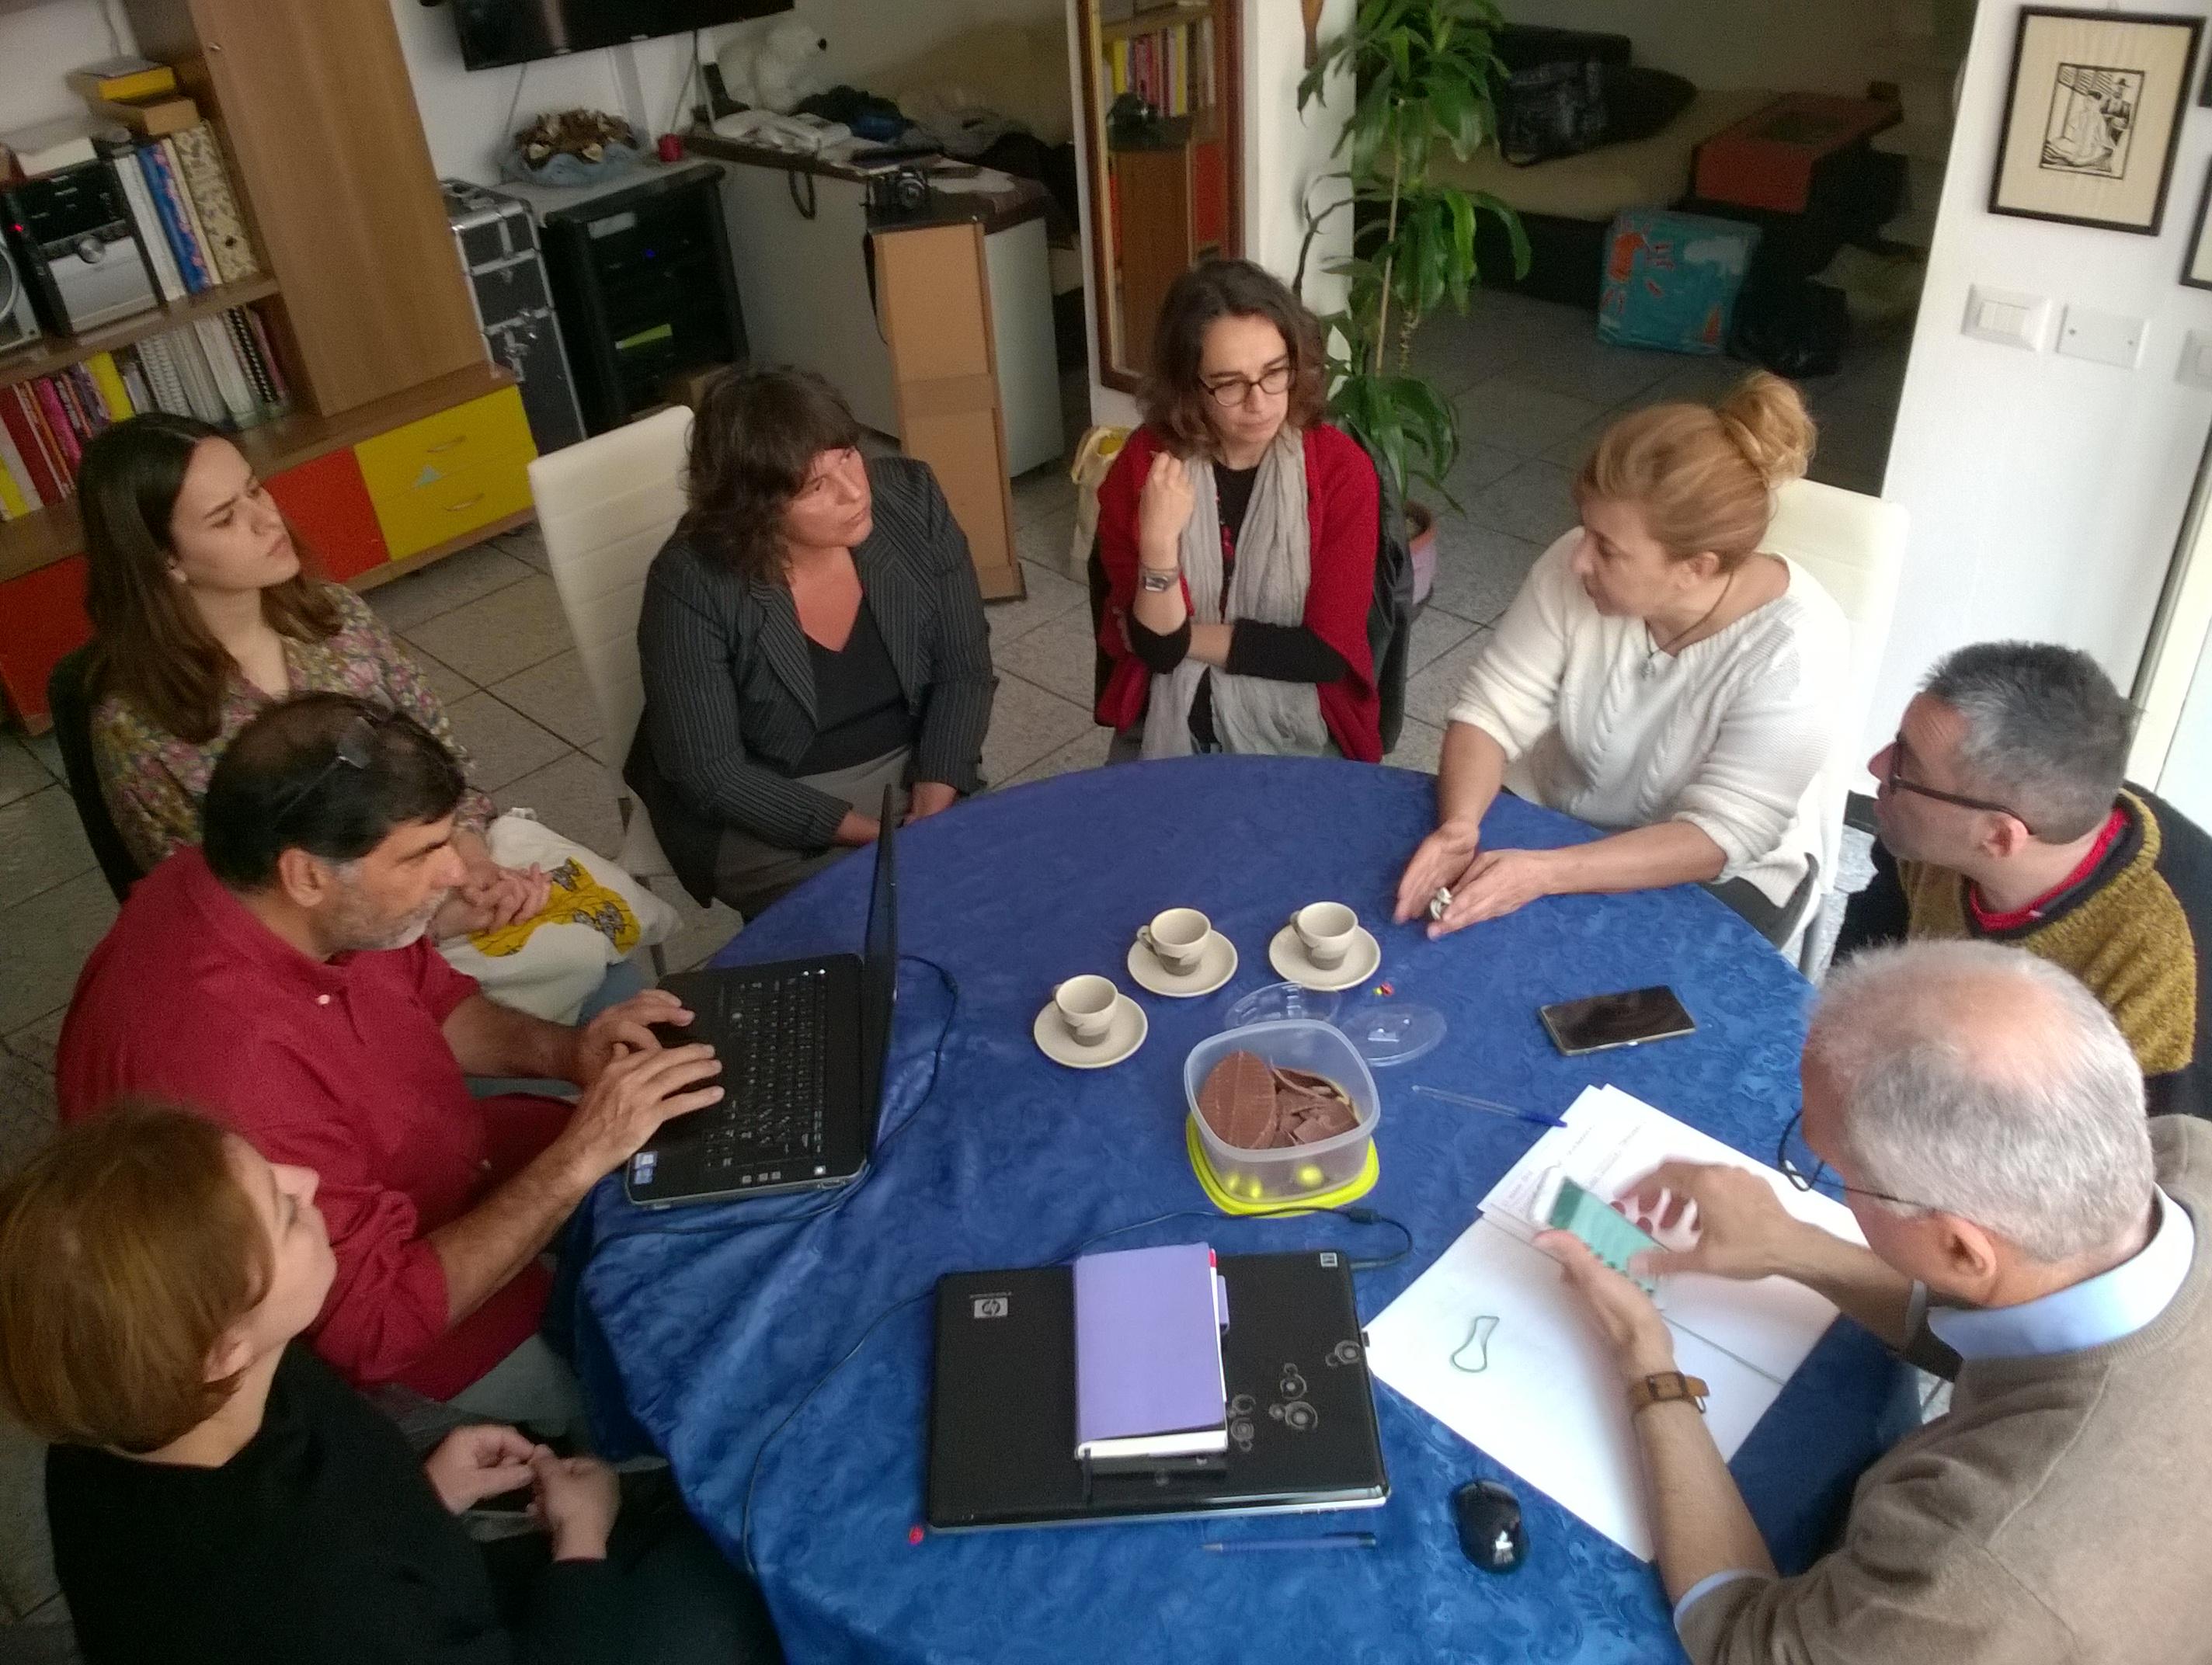 Una riunione del progetto Food Coop